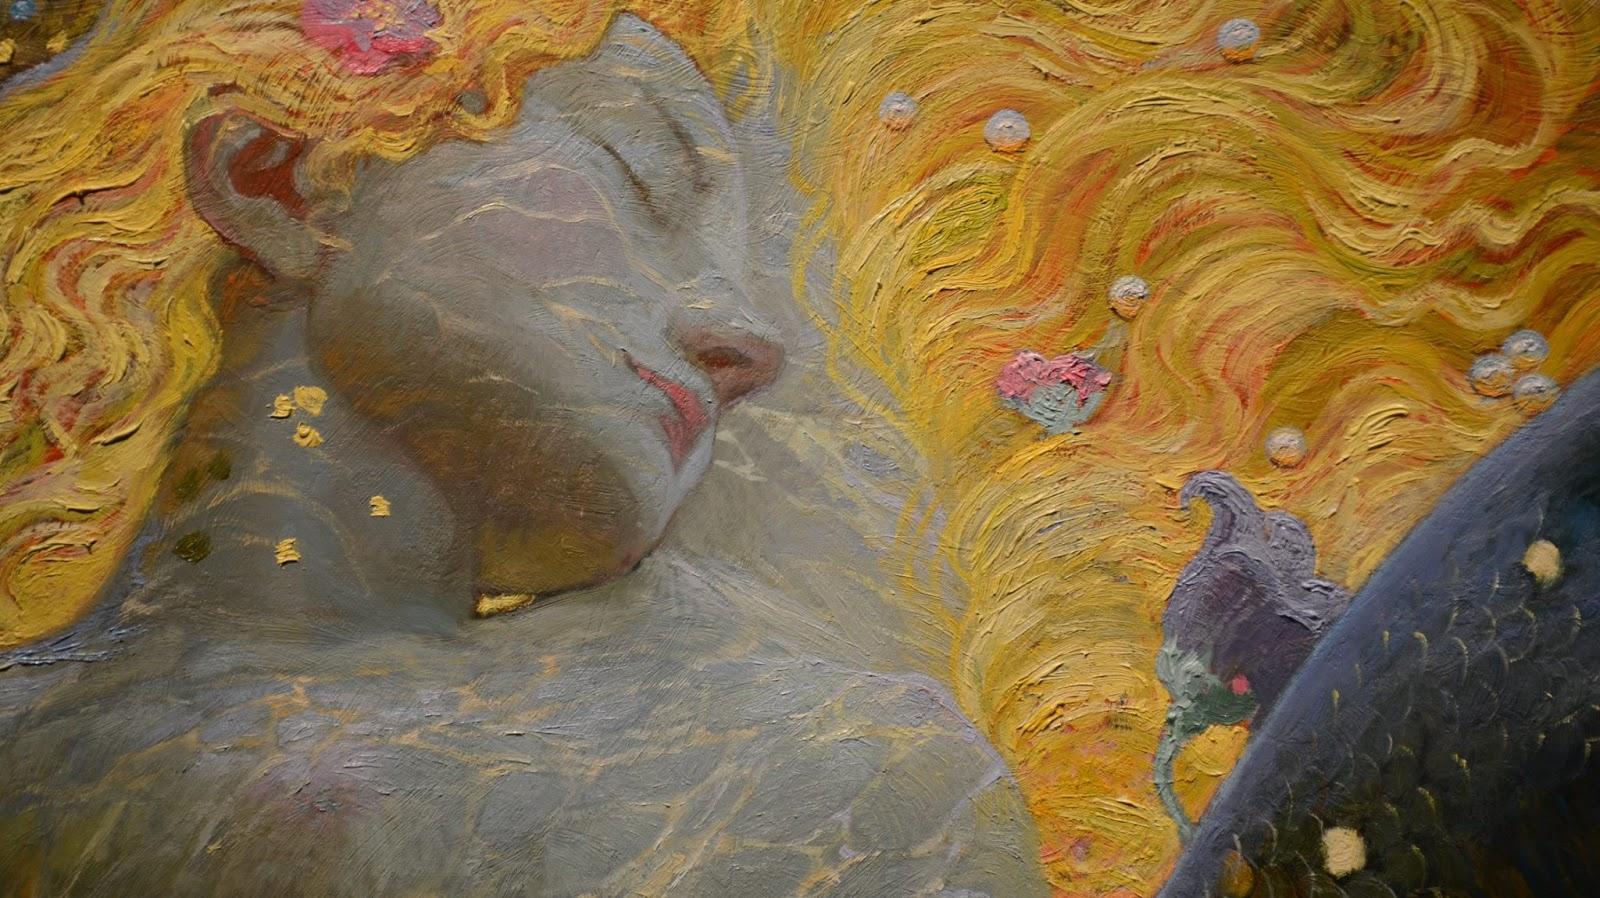 Творчество американского художника Виктора Низовцева Сказочные иллюстрации и картины современного американского художника Виктора Низовцева у каждого вызывают чувство необычайного восхищения.  Художник Виктор Низовцев (Victor Nizovtsev) родился в городе Улан-Удэ, недалеко от озера Байкал, в 1965 году.